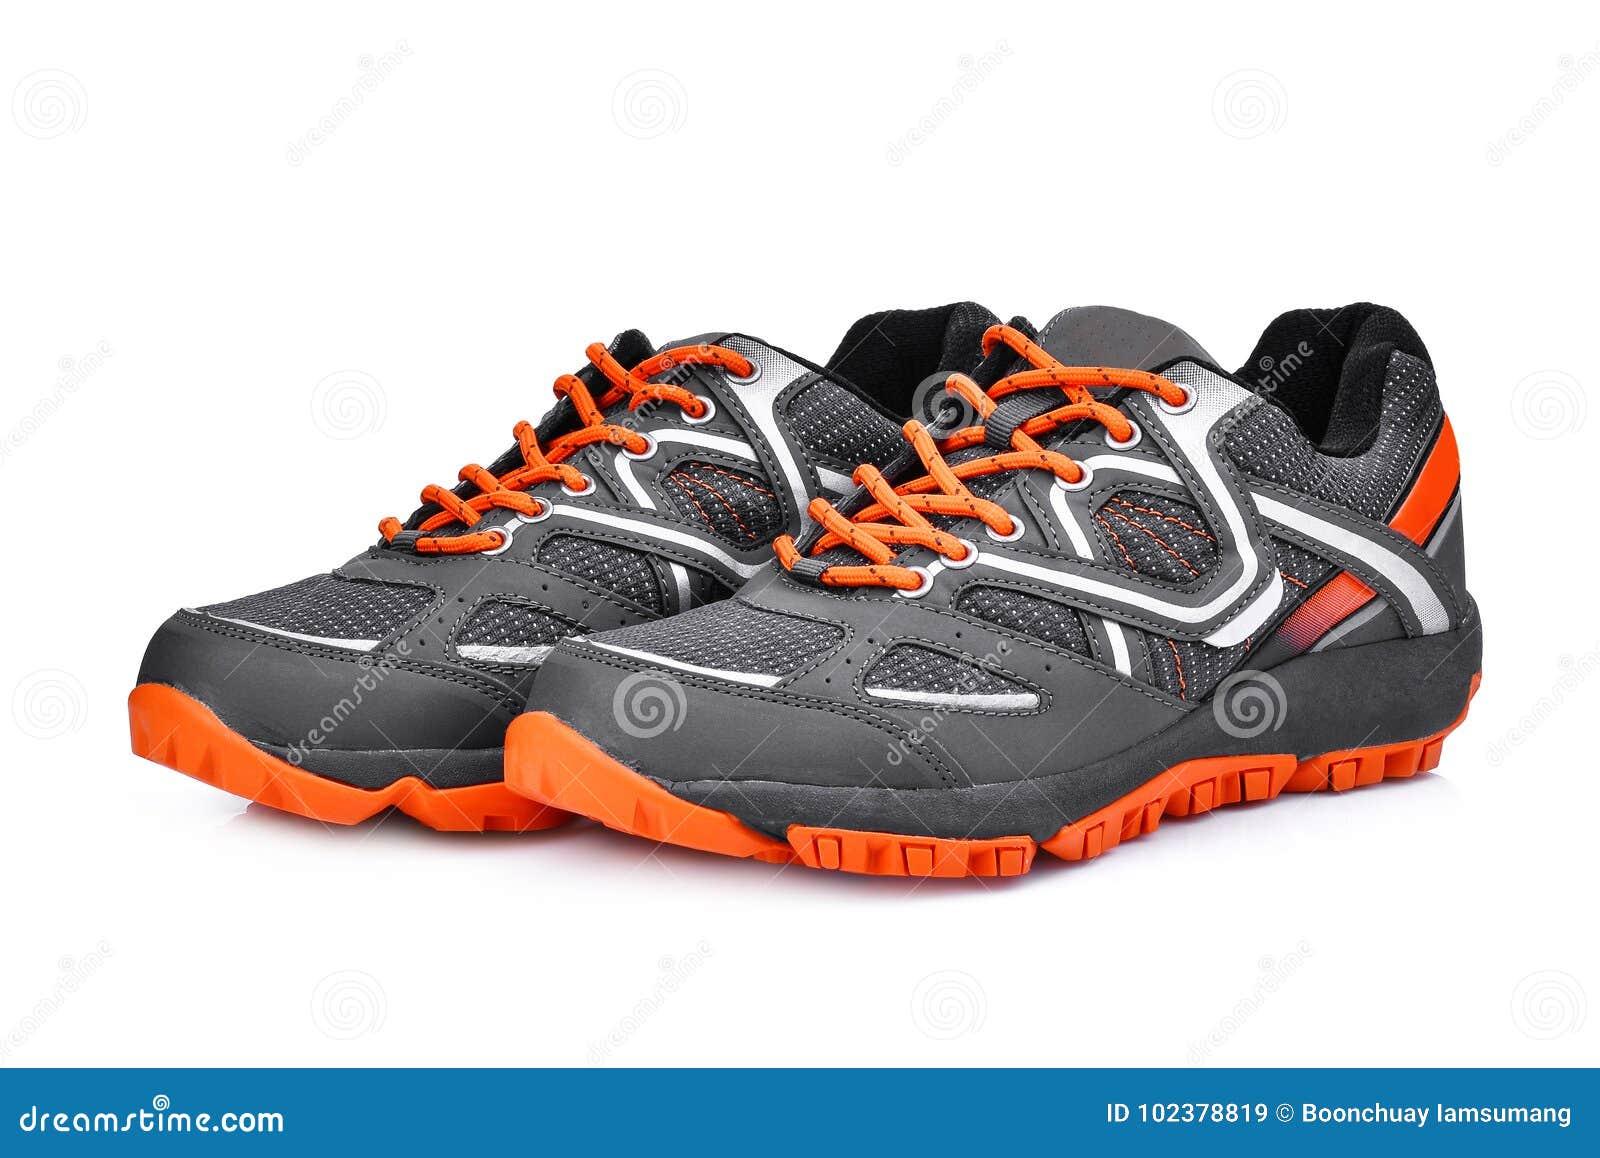 Nuove scarpe unbranded di sport isolate su bianco